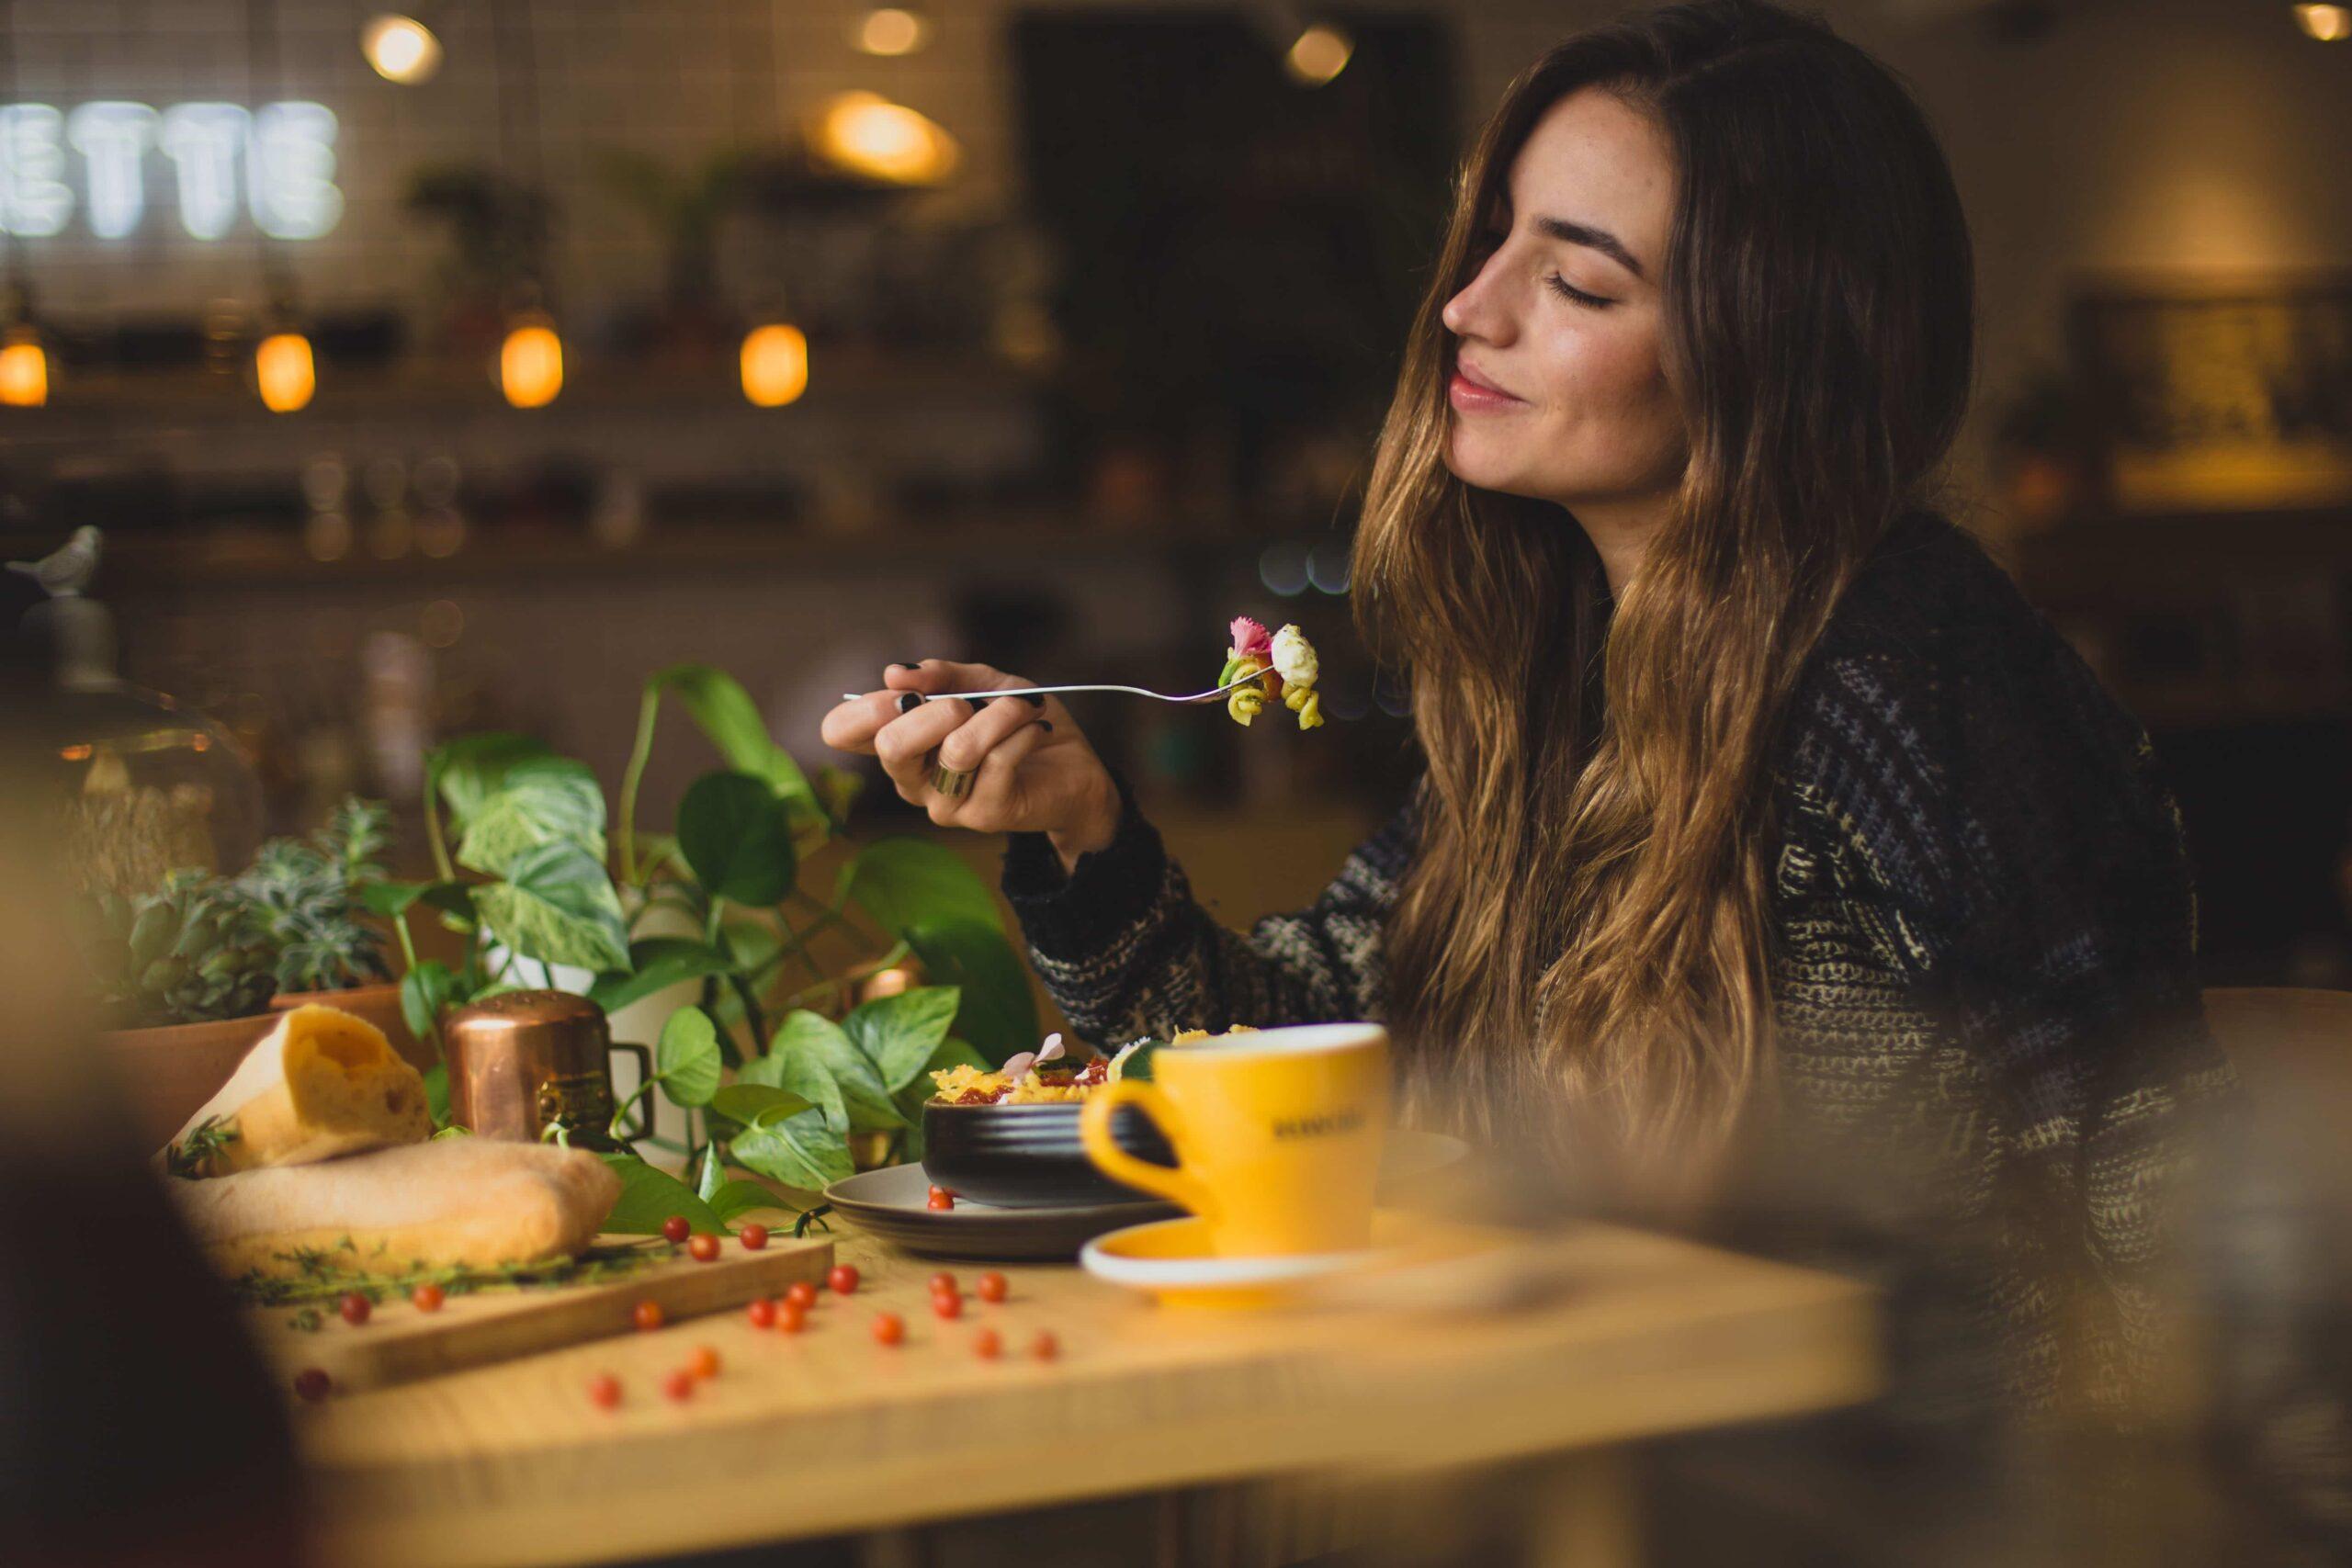 Vrouw zit aan een tafel en is aan het genieten van haar eten